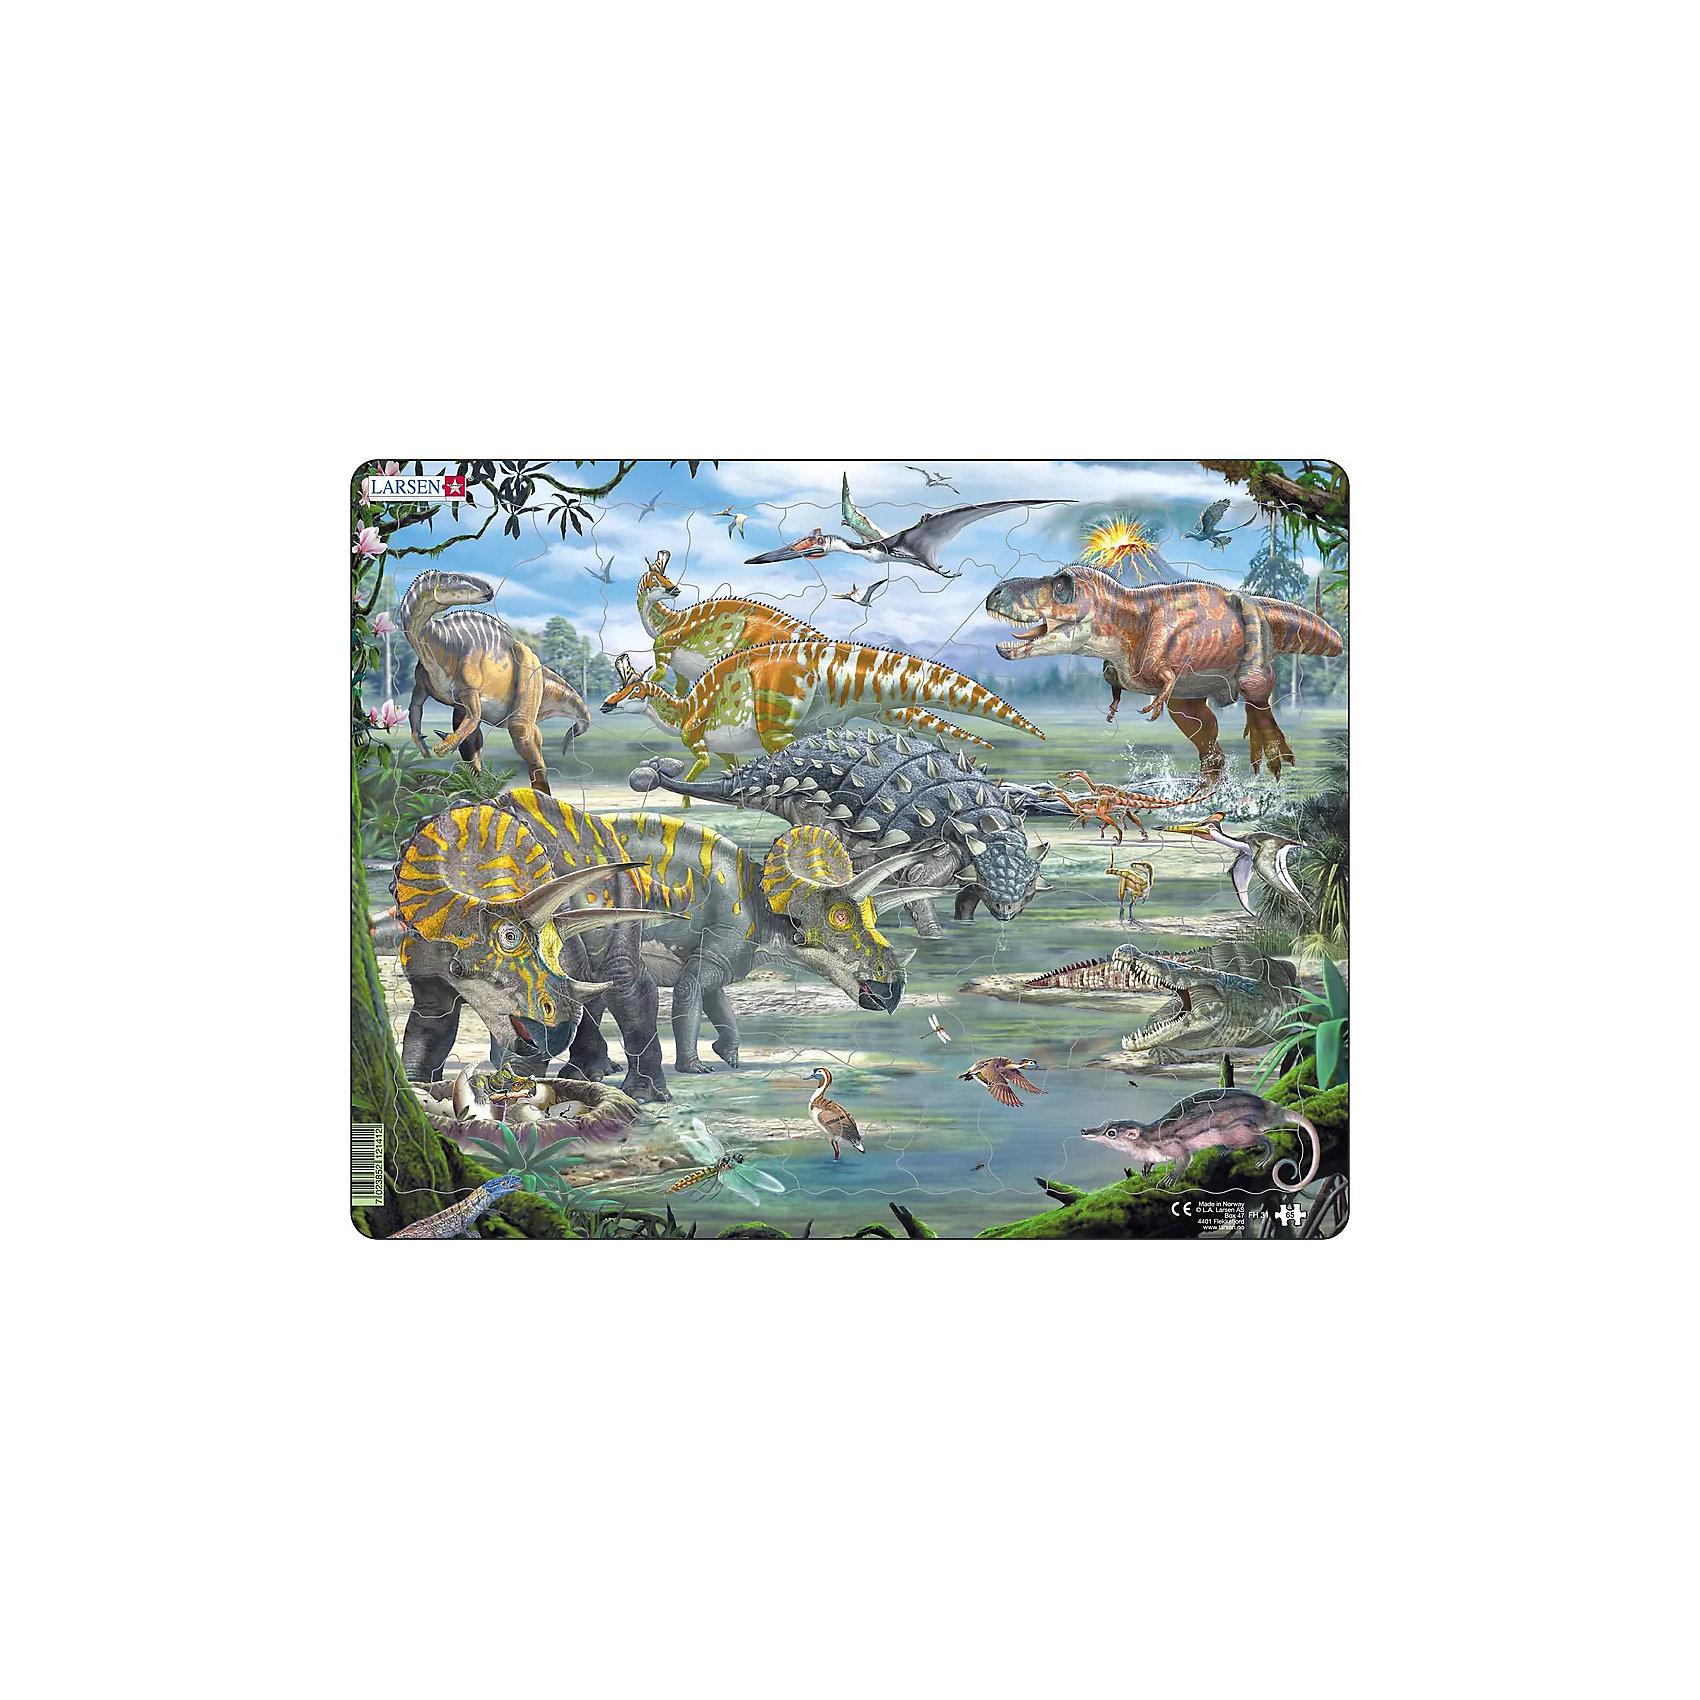 Пазл Динозавры, 65 деталей, LarsenНовый пазл Динозавры от компании Larsen придется по вкусу детям, готовящимся к поступлению в школе или учащимся в первом классе! Виды сверху слева направо: Кетцалькоатлус, Микрораптор, Игуанодонт, Ламбеозавр, Тираннозавр Рекс, Трицератопс, Дромеозавр, Анкилозавр, Троодон, Птеродактиль, Крокодил, Ящерица, Вегавис, Стрекоза, Симолестес. Увлекательный пазл от знаменитой норвежской компании позволит детям познакомиться с различными видами динозавров. Пазл выполнен в ярких, красочных цветах, а материалы, из которых он сделан, отличаются высоким качеством и абсолютно безопасны для вашего ребенка. Игра с пазлами развивает мелкую моторику рук, внимание, логическое мышление и творческое воображение. В наборе: 65 элементов пазла.<br><br>Ширина мм: 365<br>Глубина мм: 5<br>Высота мм: 285<br>Вес г: 320<br>Возраст от месяцев: 36<br>Возраст до месяцев: 1188<br>Пол: Унисекс<br>Возраст: Детский<br>Количество деталей: 65<br>SKU: 4761477